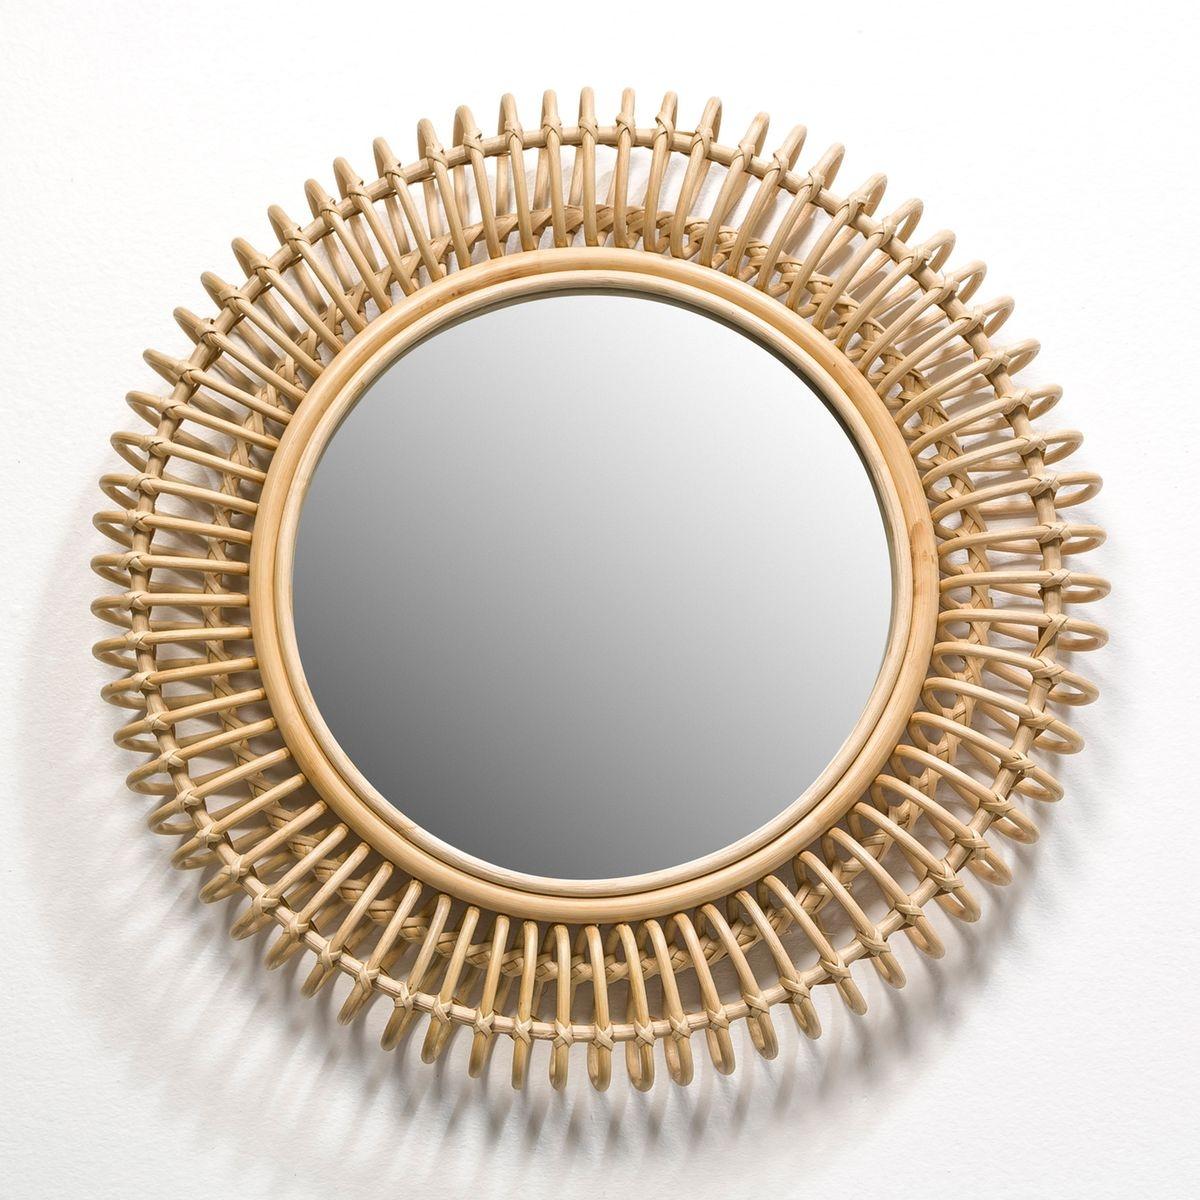 Miroir rotin Tarsile, rond Ø60 cm